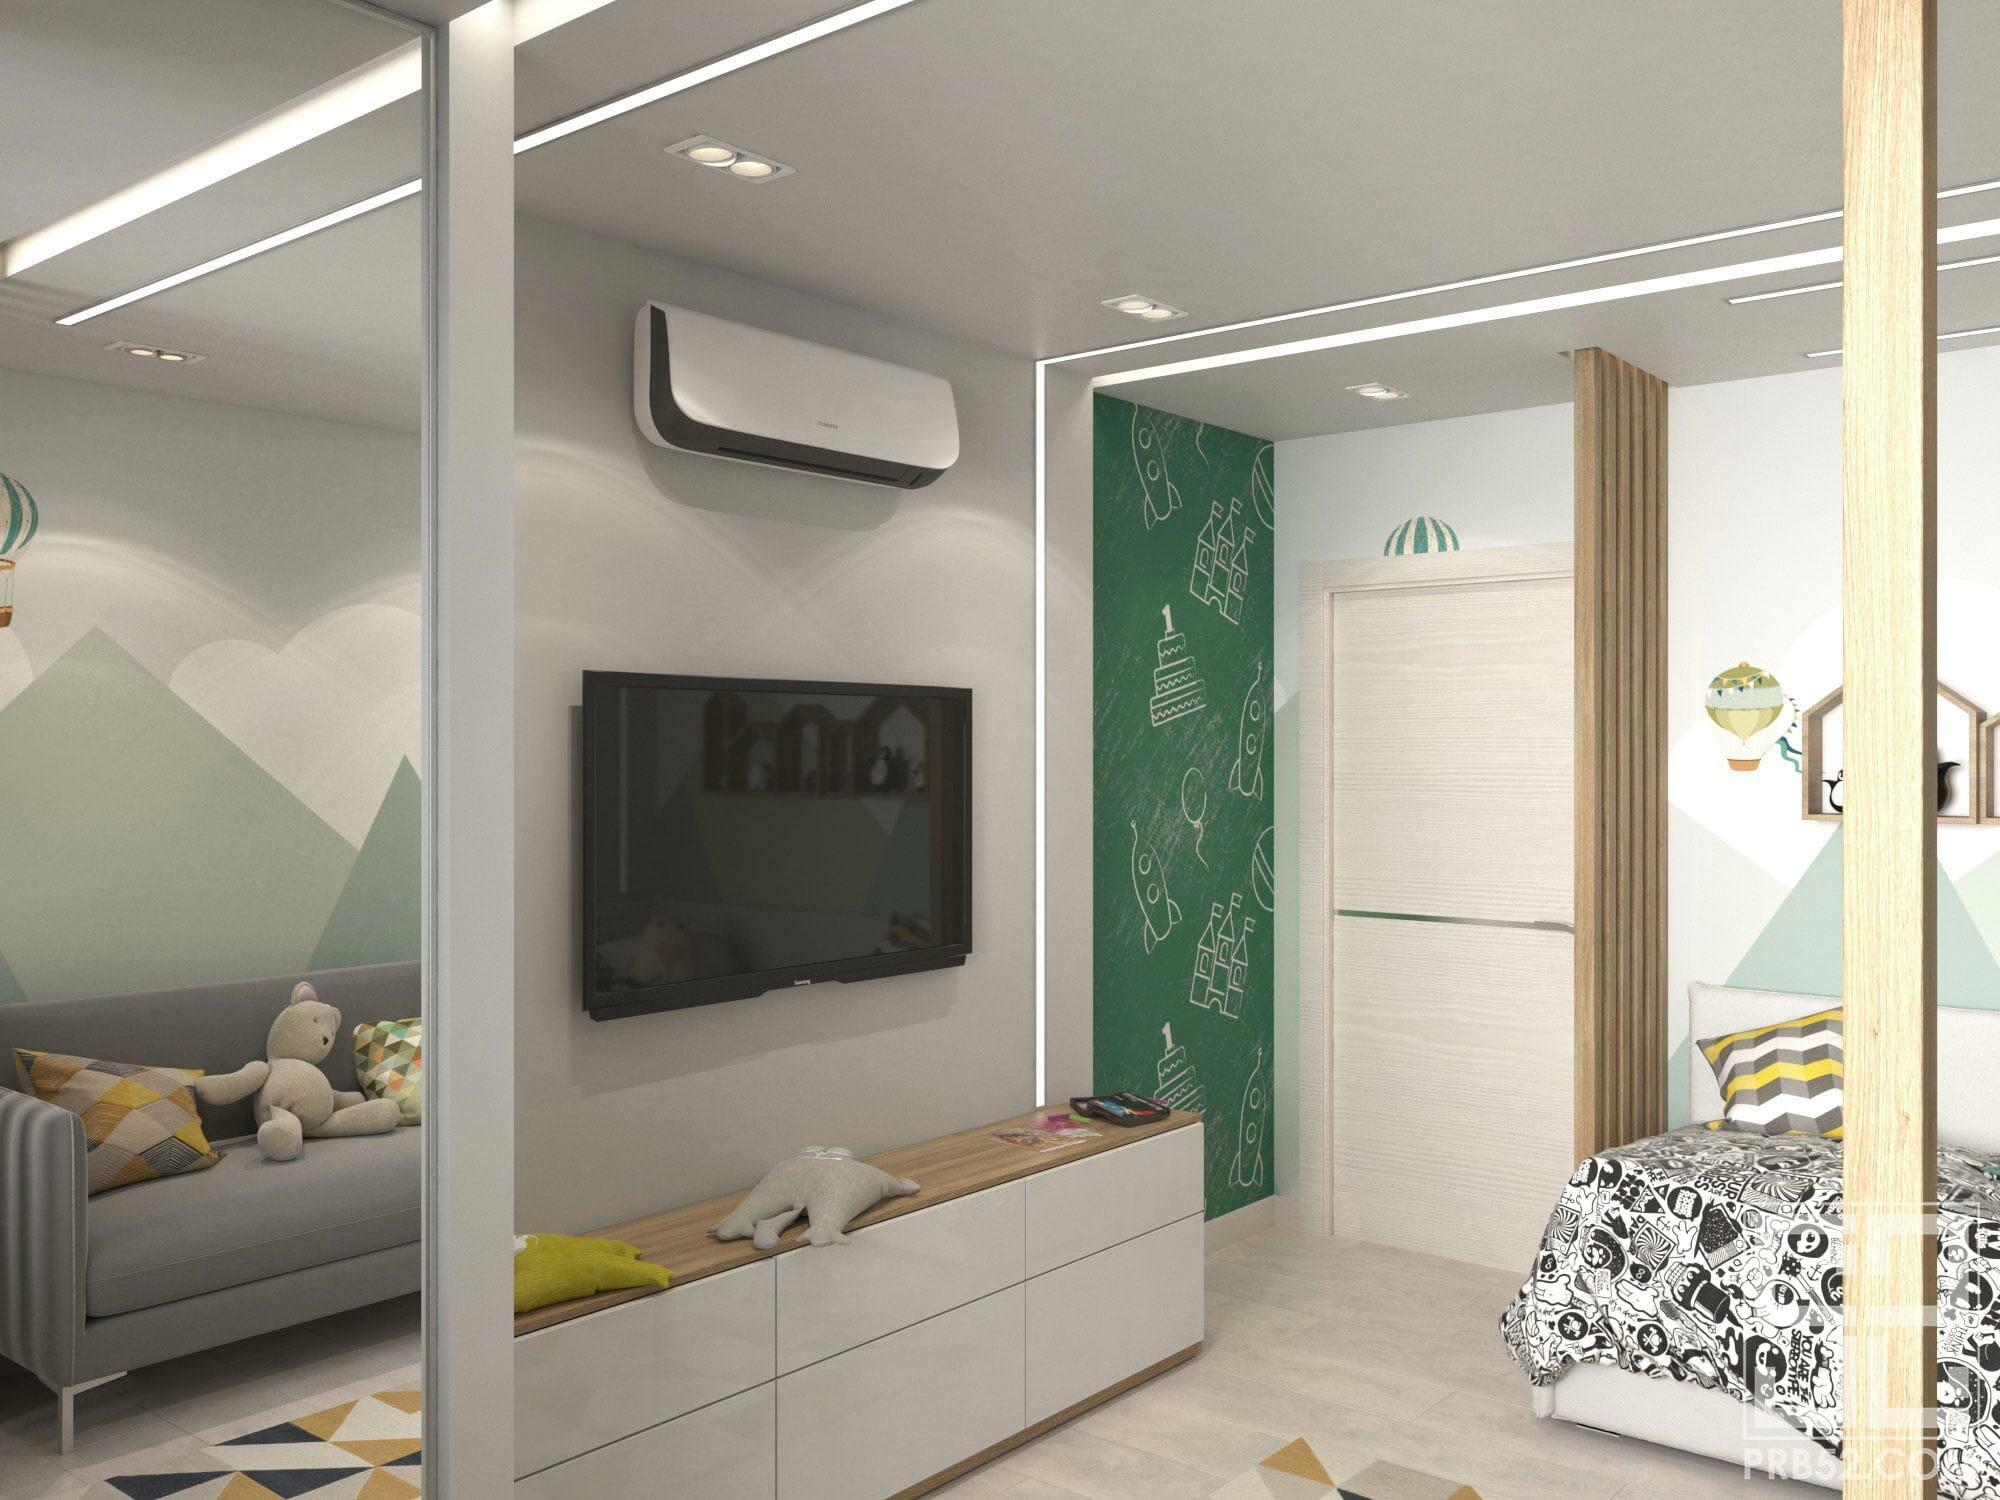 дизайн интерьера детской комнаты со стеной для рисования